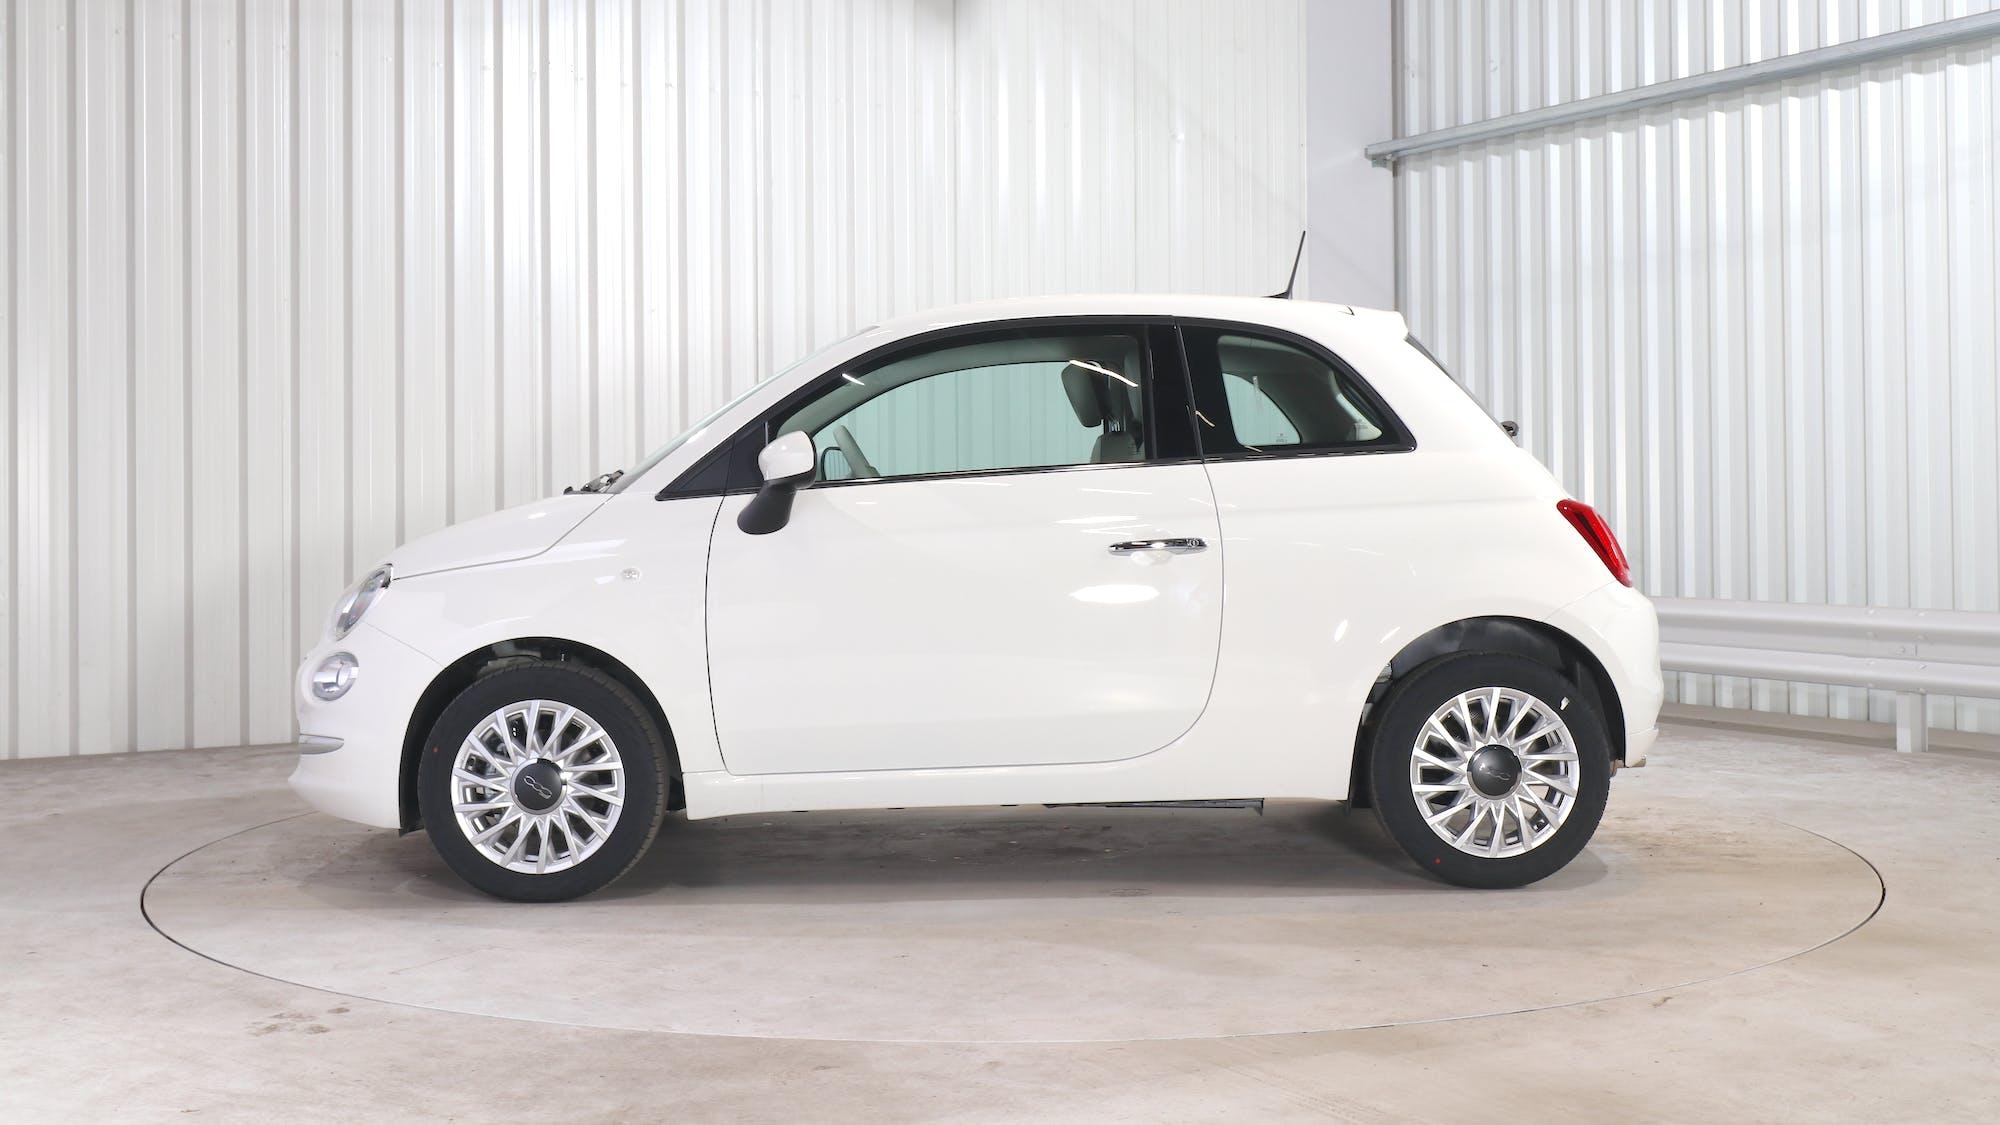 FIAT 500 leasing exterior 2